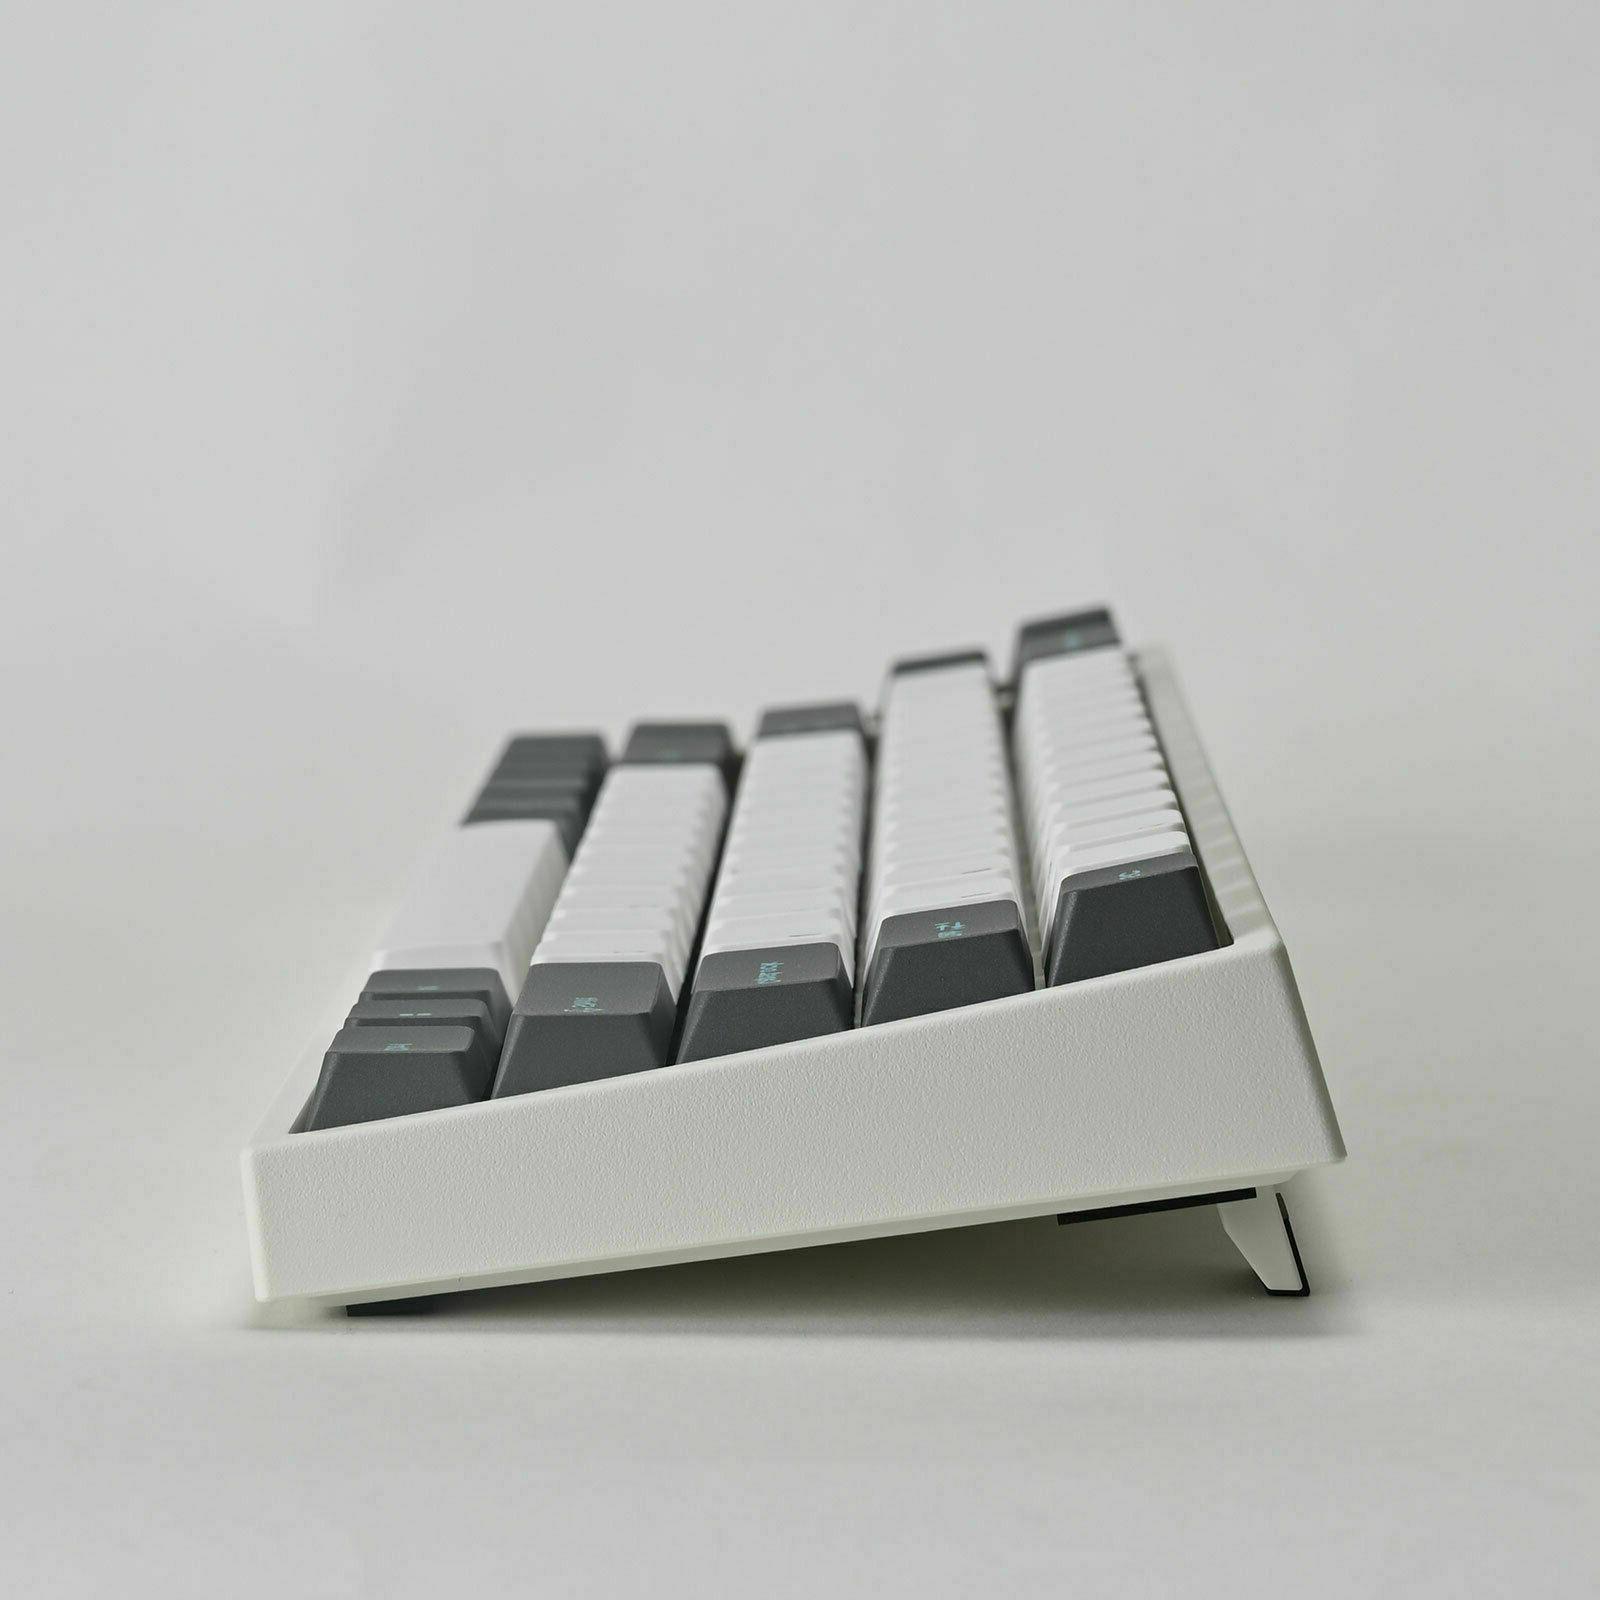 FC660M Keyboard Shot